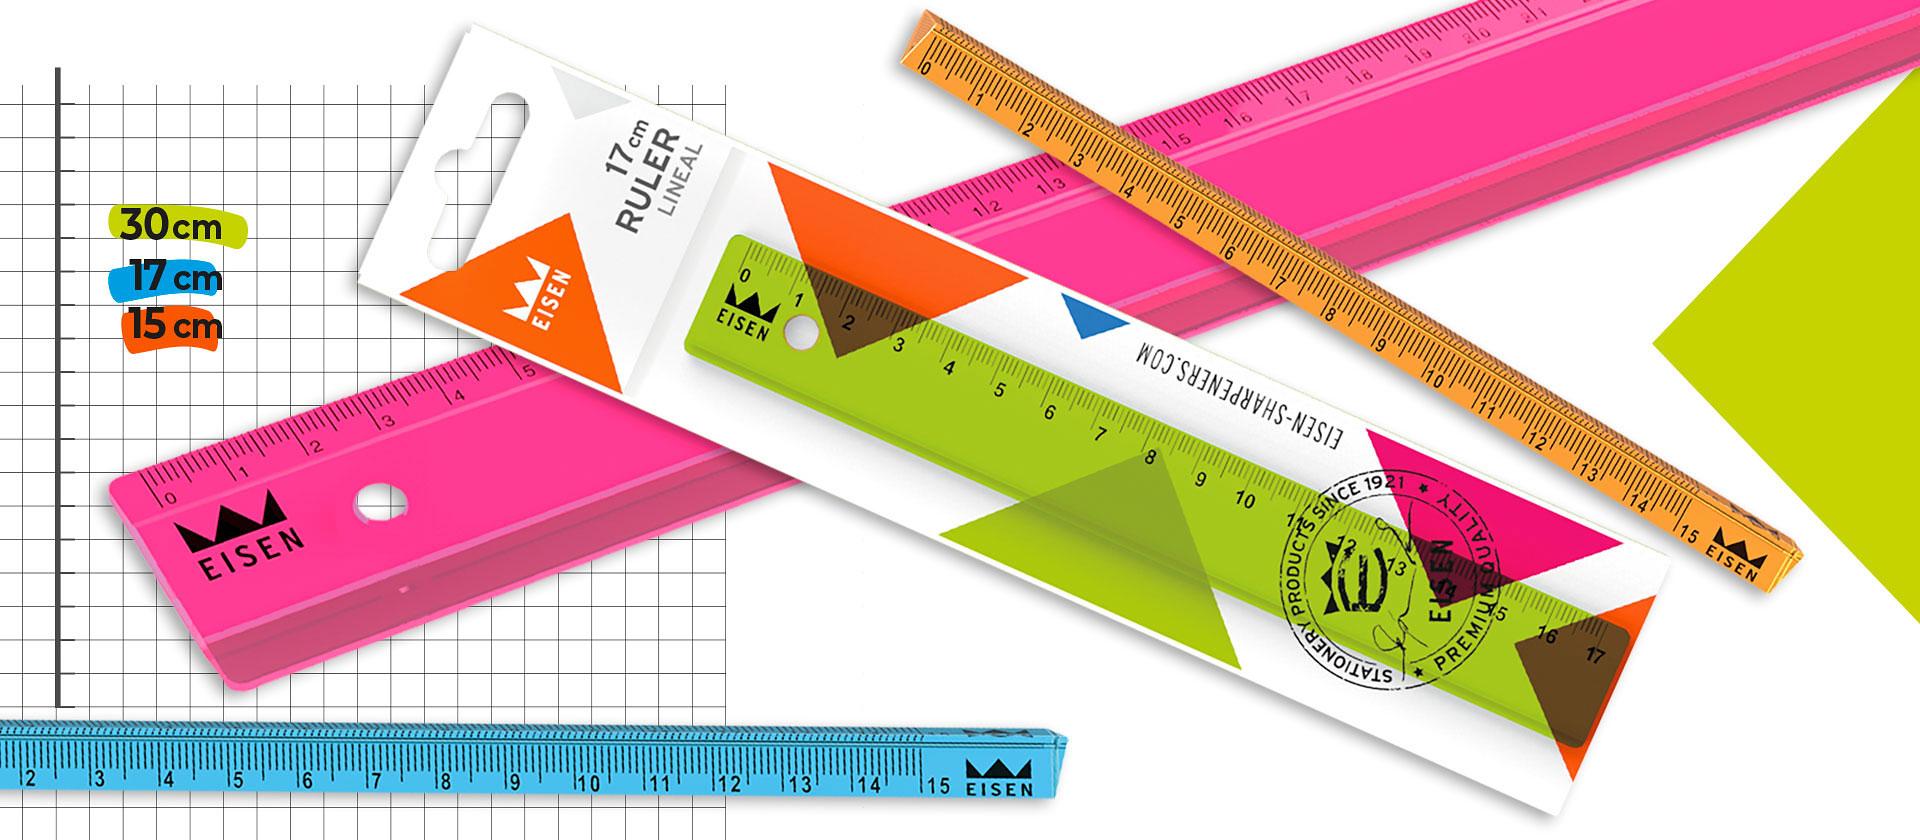 eisen colorline rulers